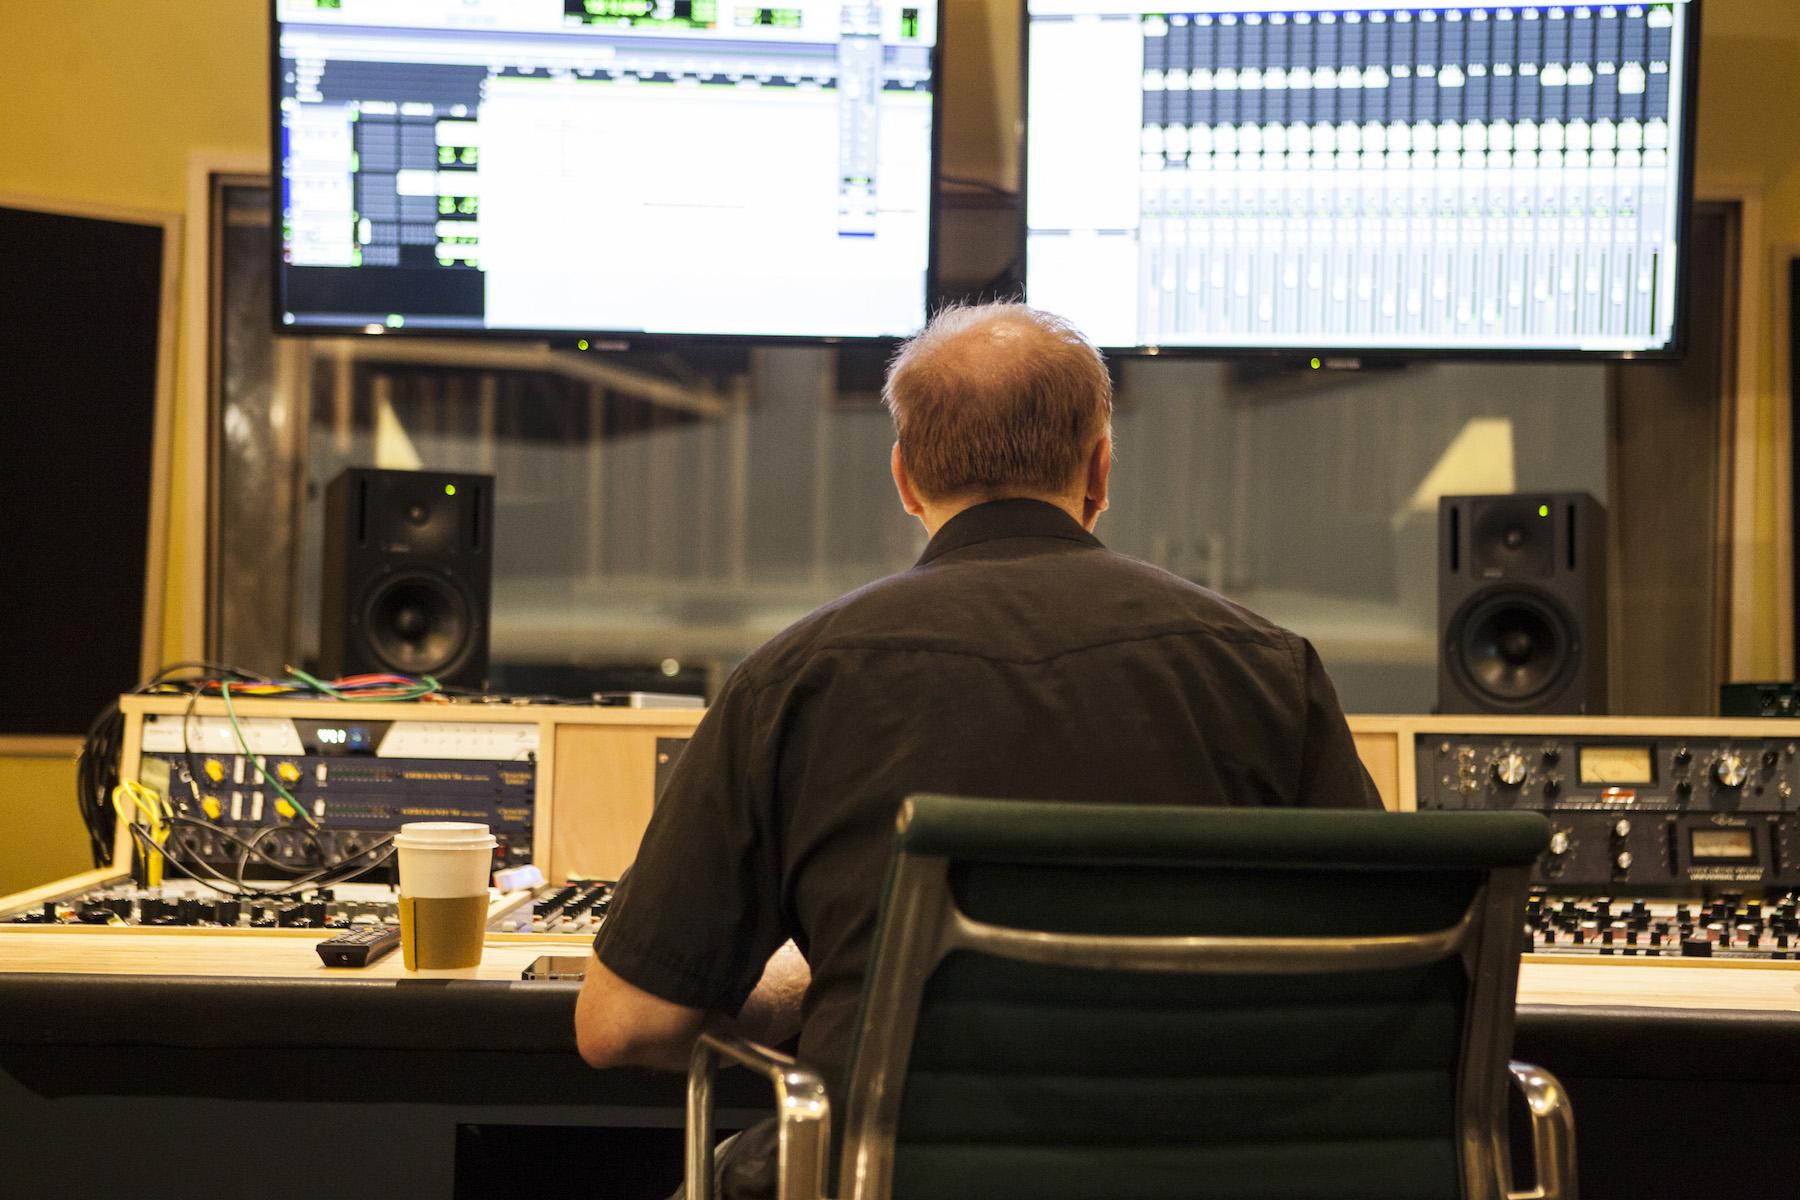 專業規格的控台與超大雙螢幕!